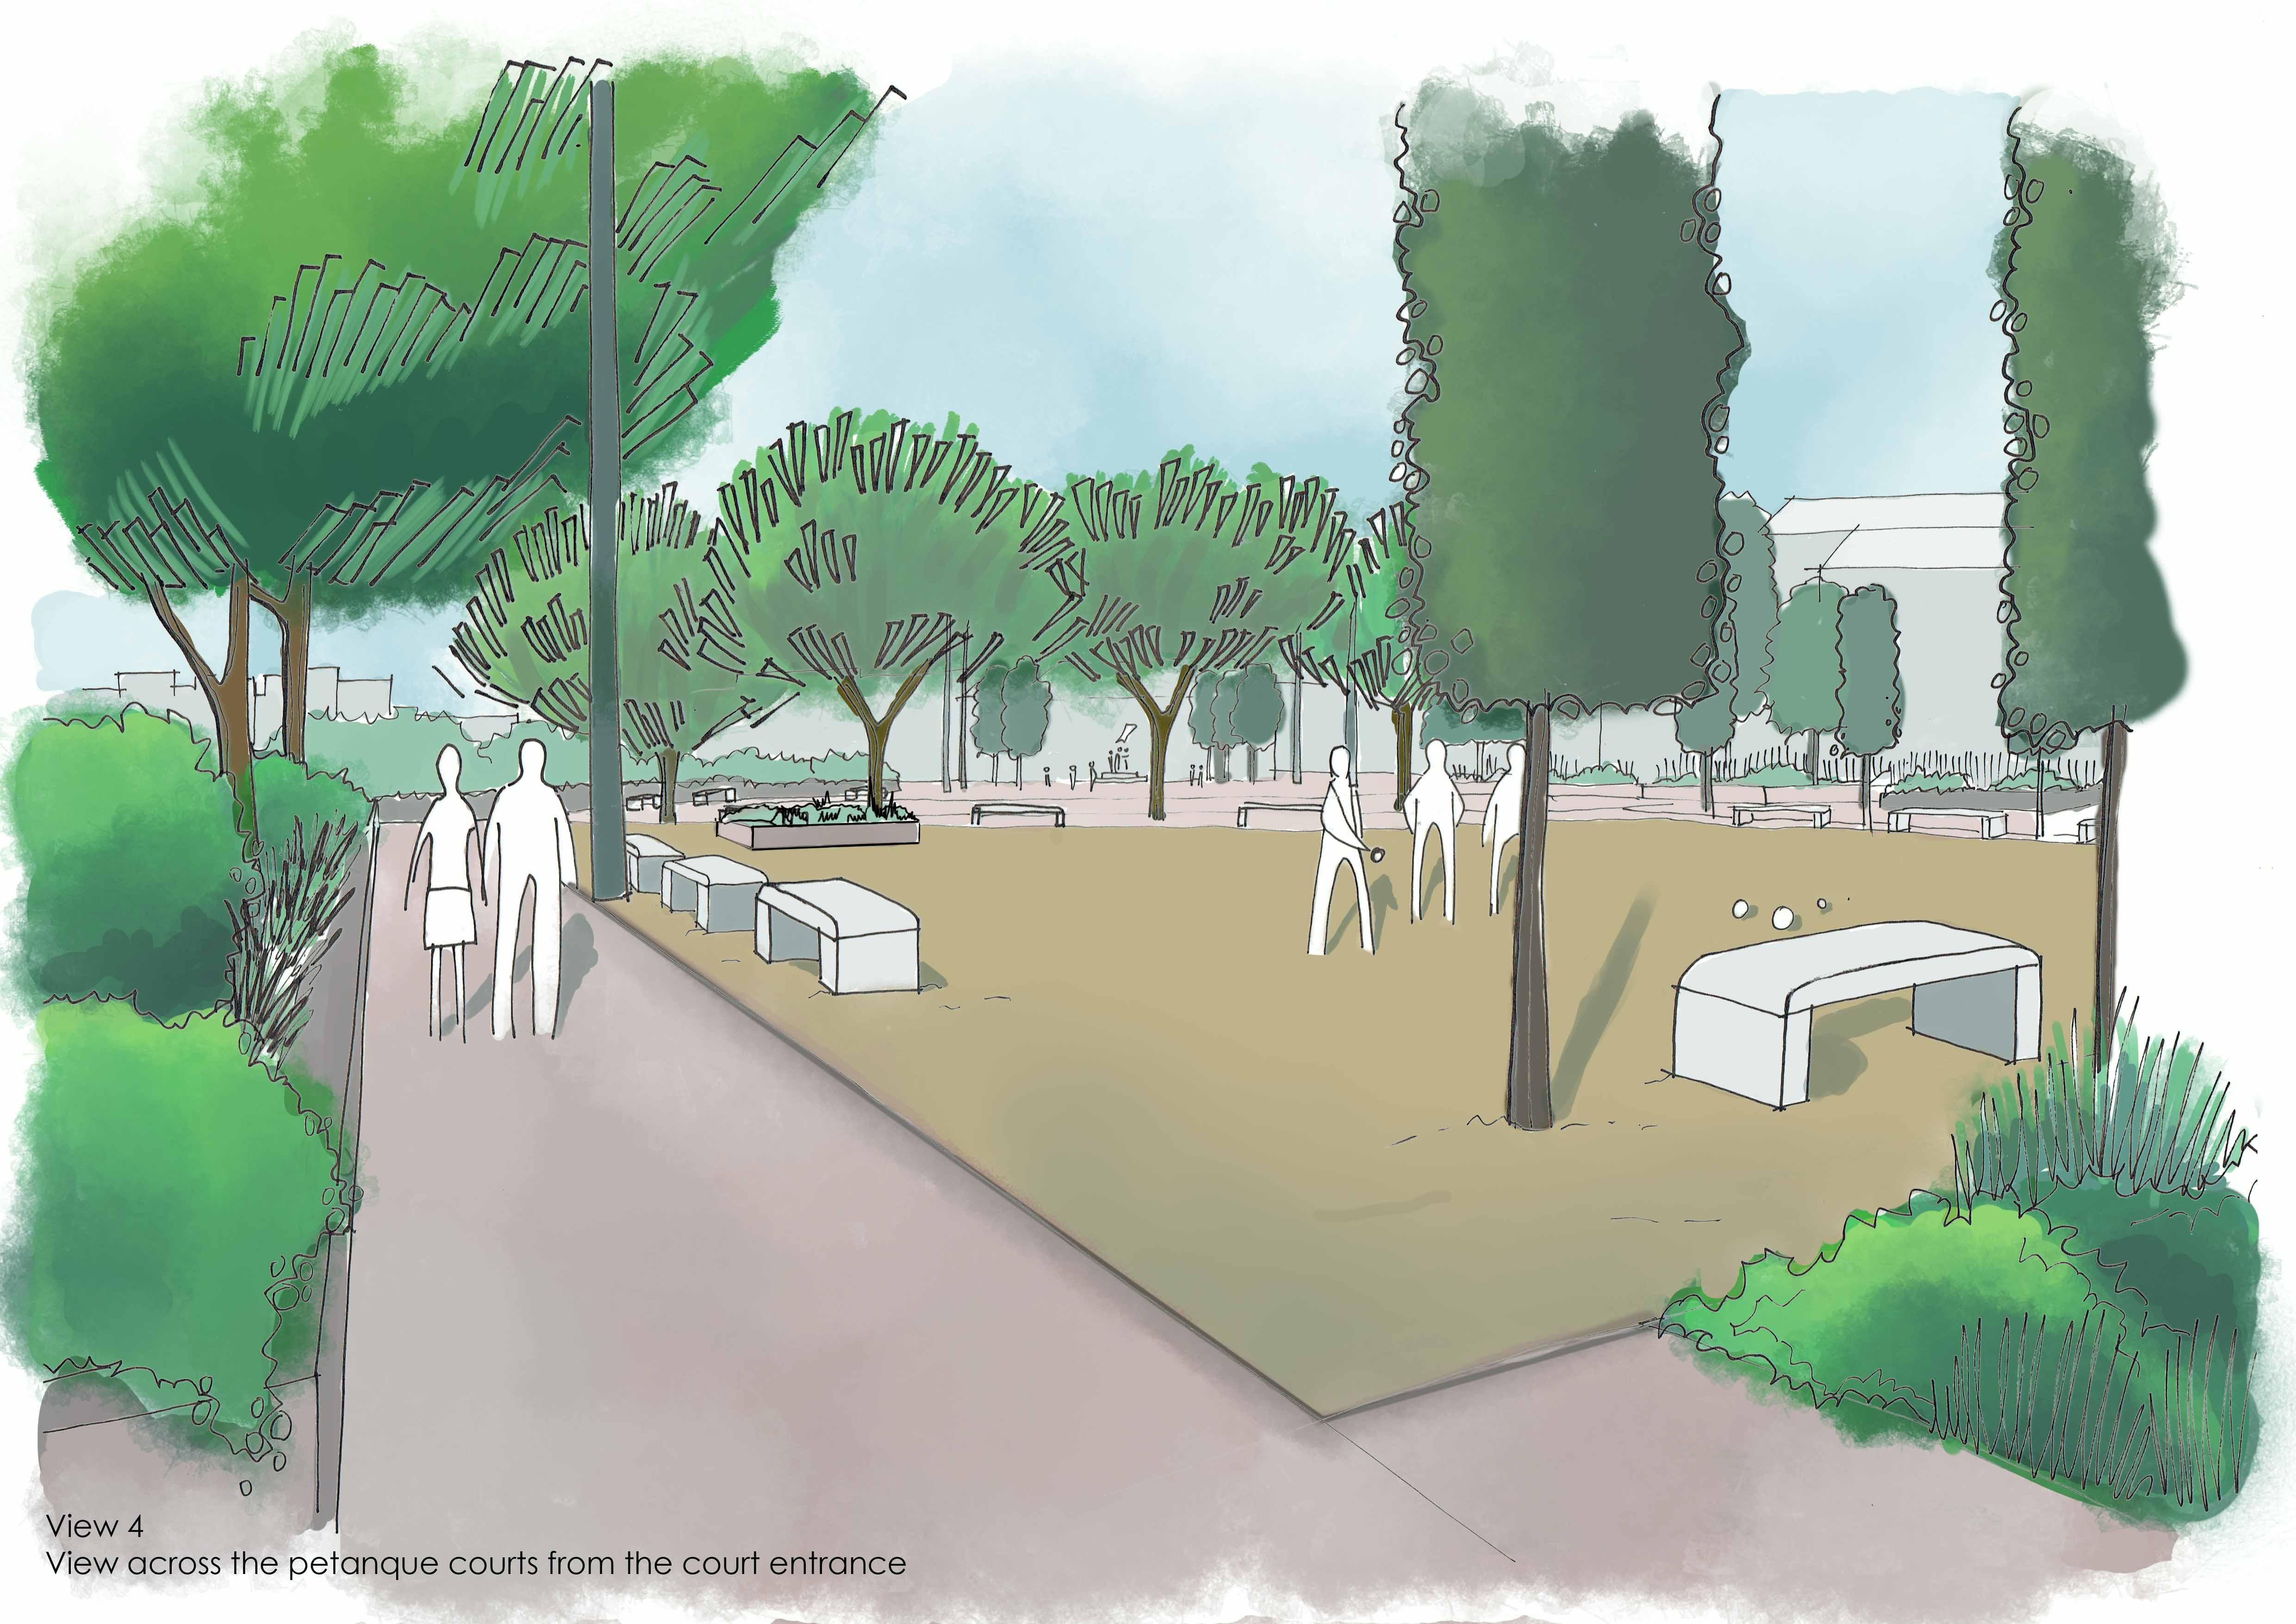 GUARDA Sketch of Petanque Area